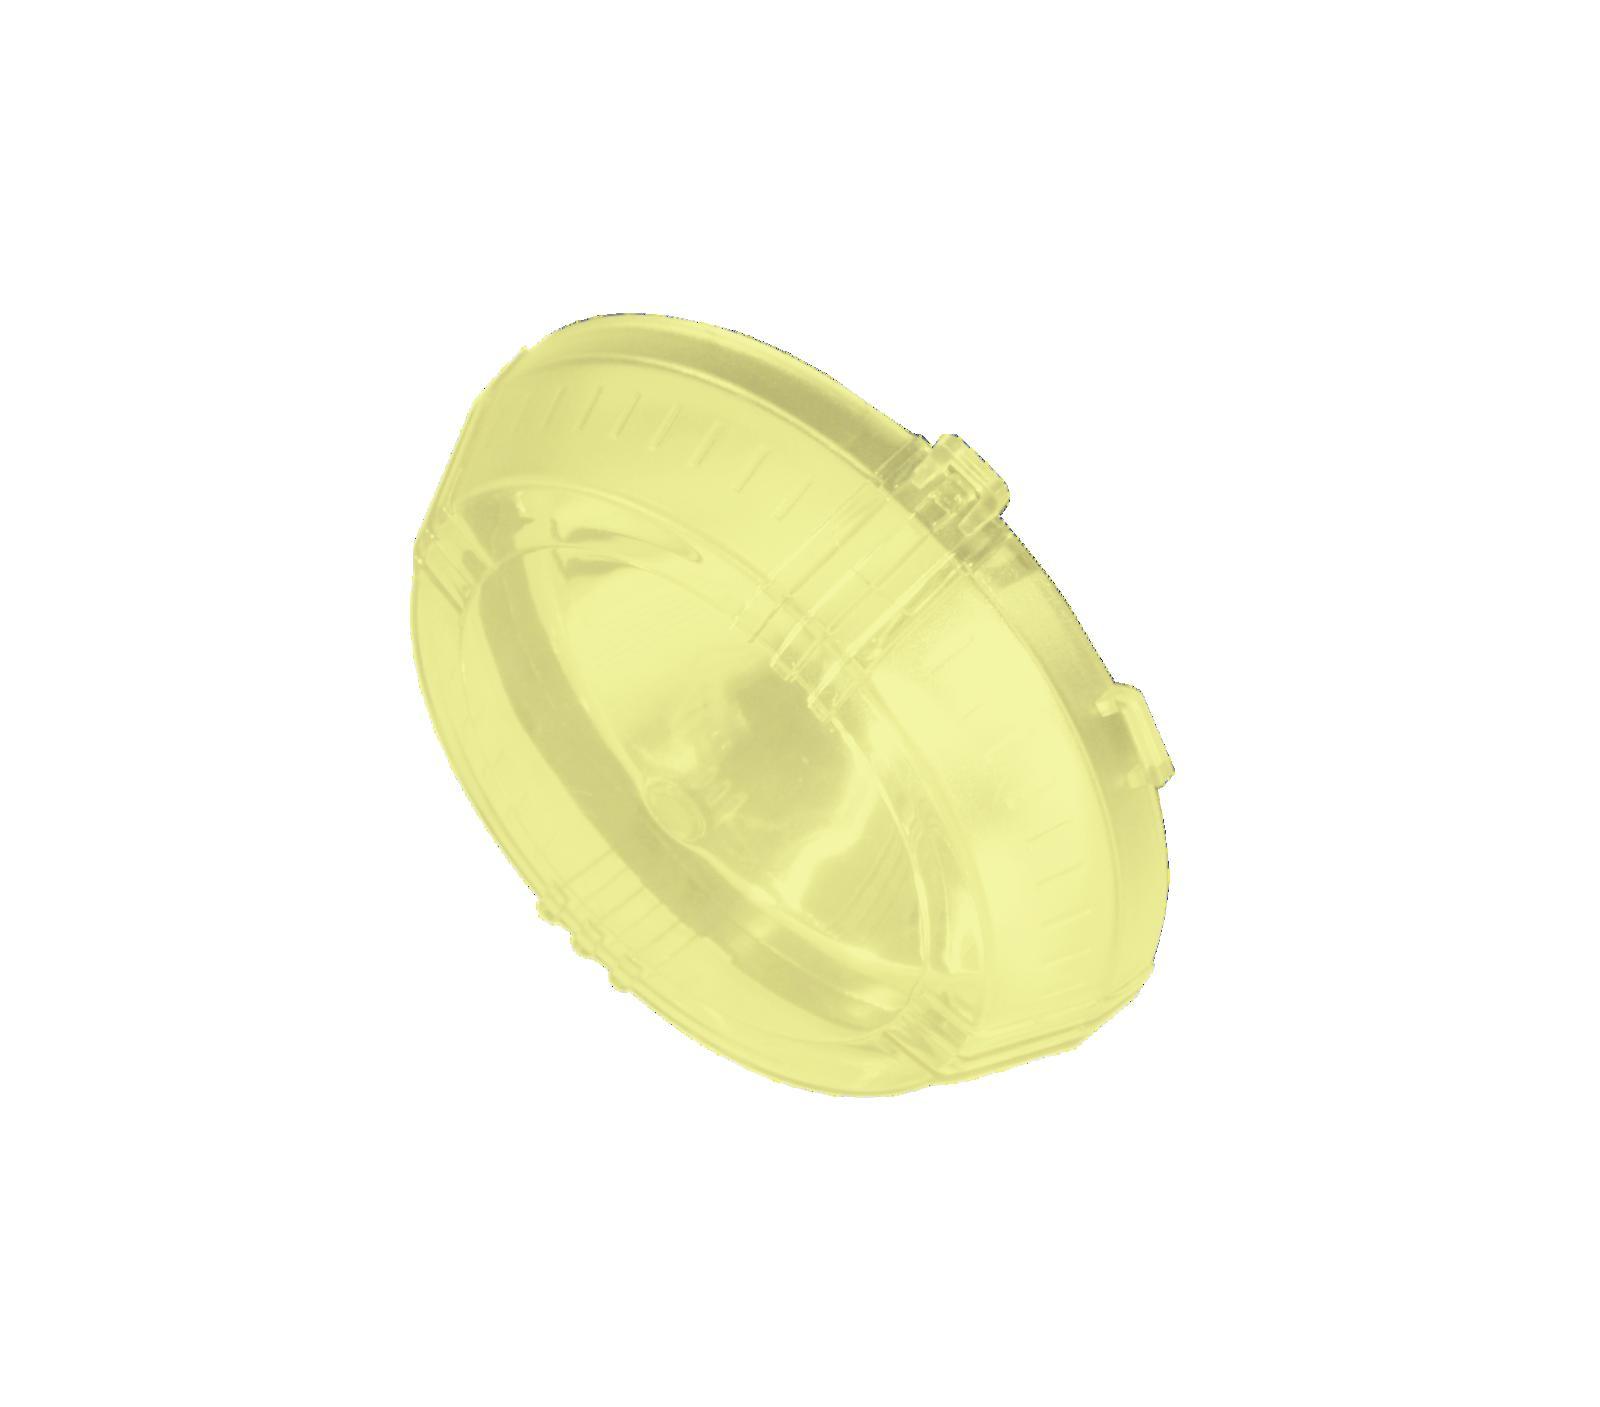 EUROLITE Farbkappe für Techno Strobe 250 gelb